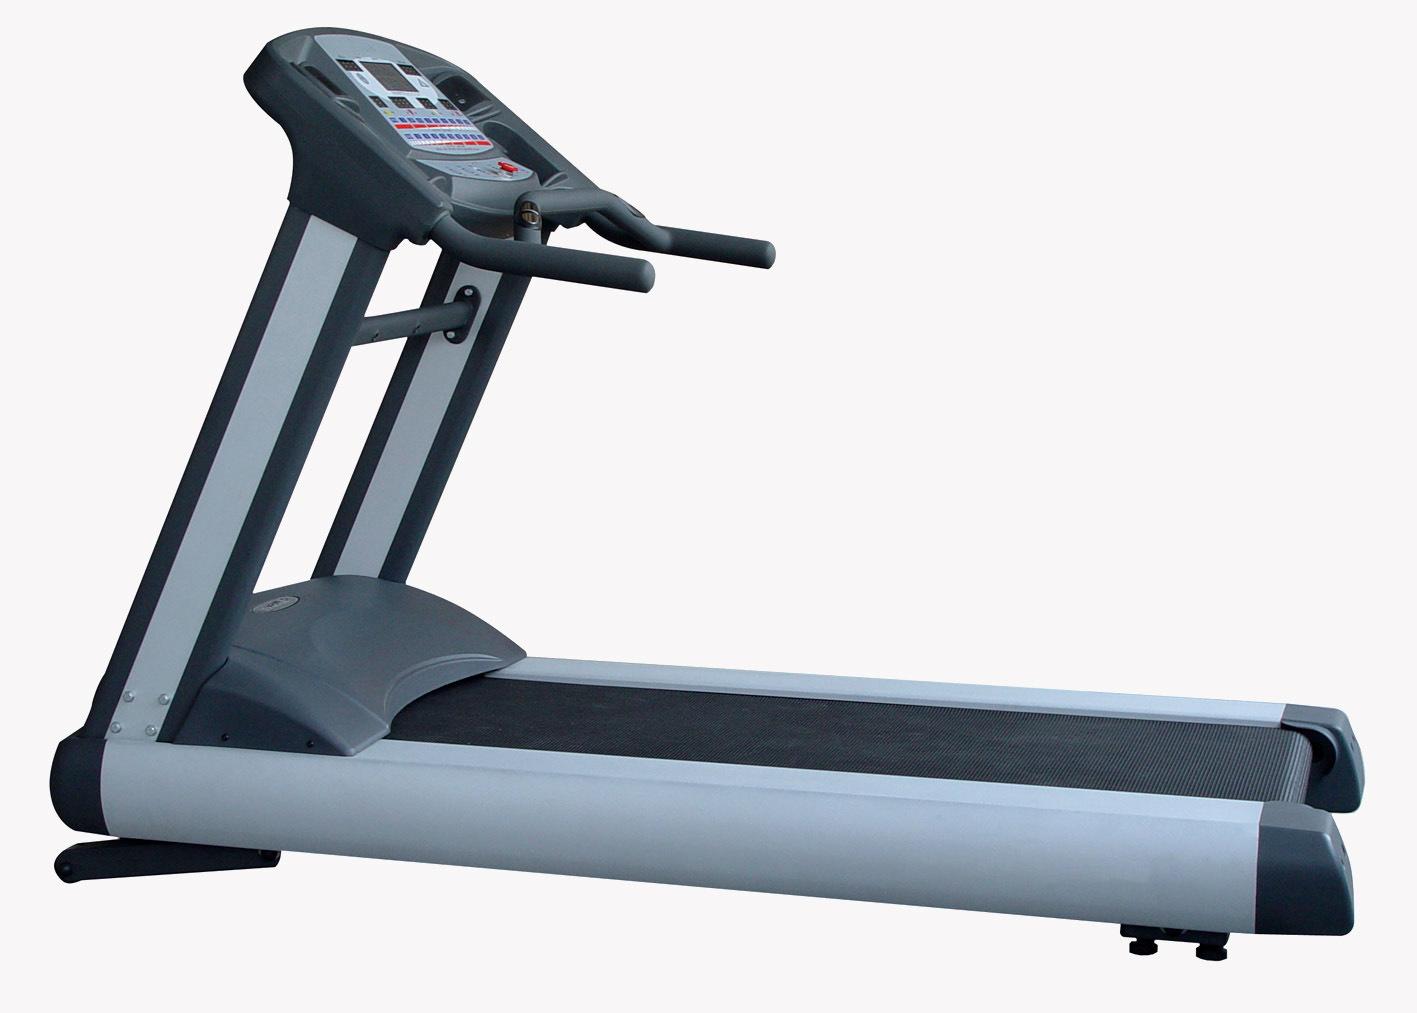 China Motorized Treadmill Rm3000c China Motorized Treadmill Electric Treadmill